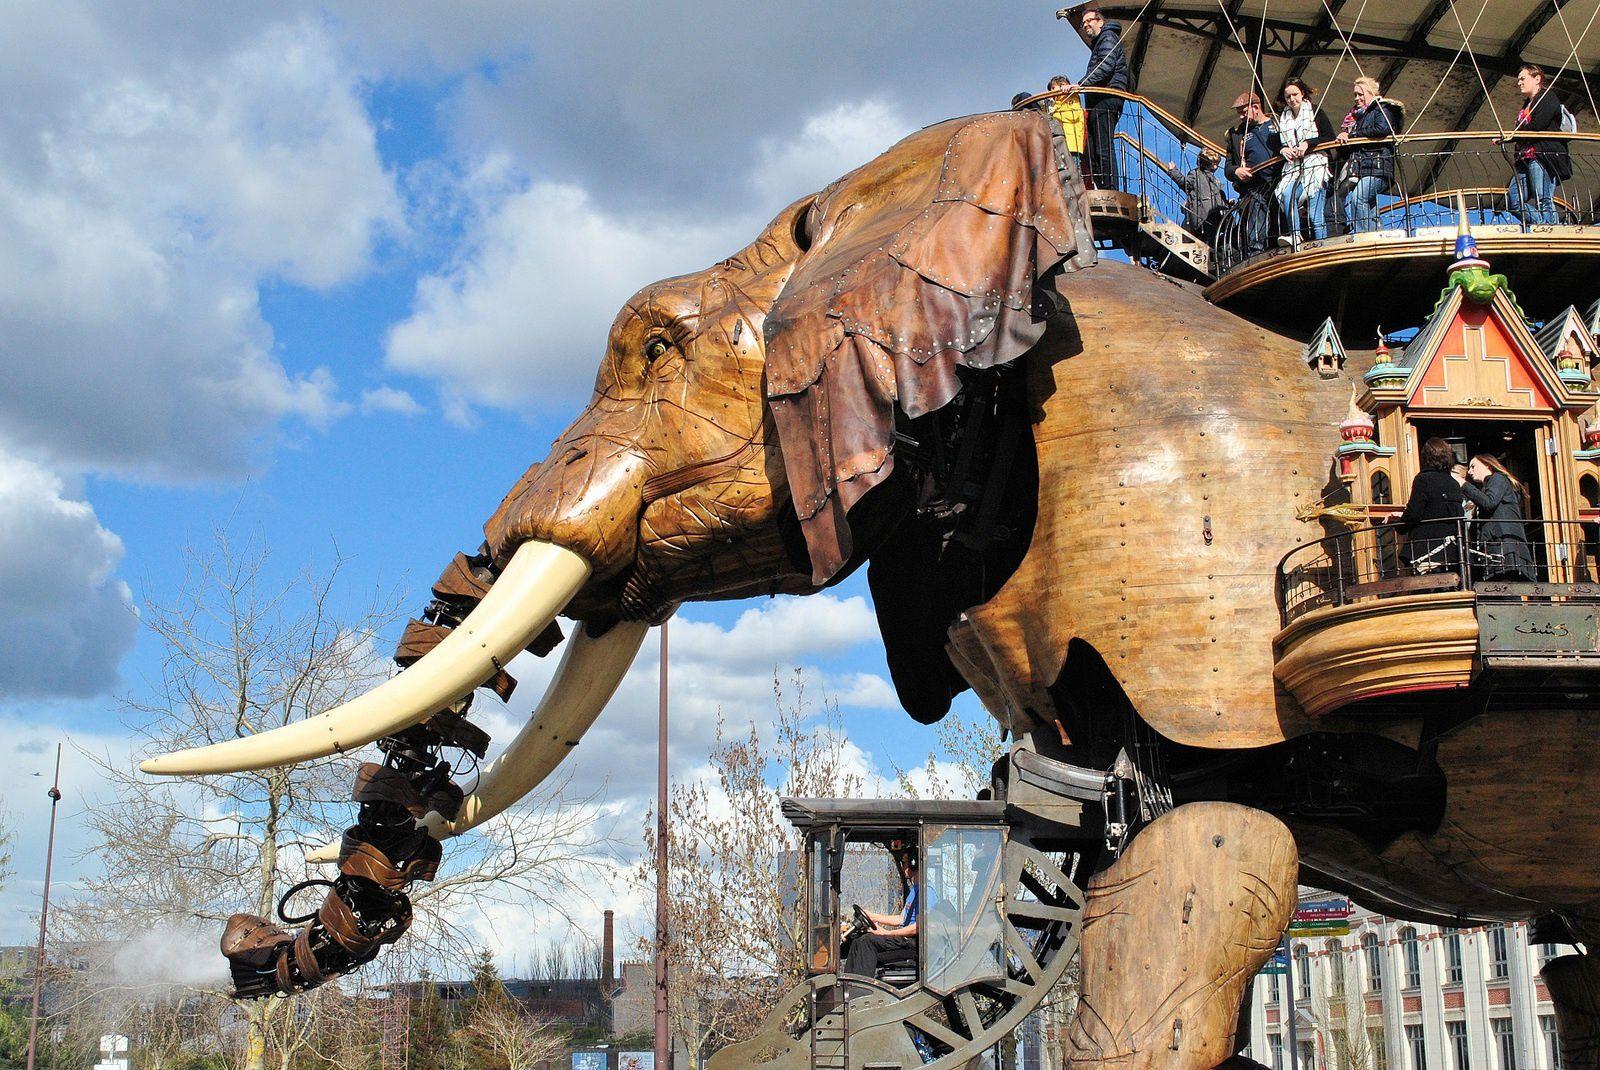 Nantes: Eléphant géant. (Photo prise le 11.04.2016).